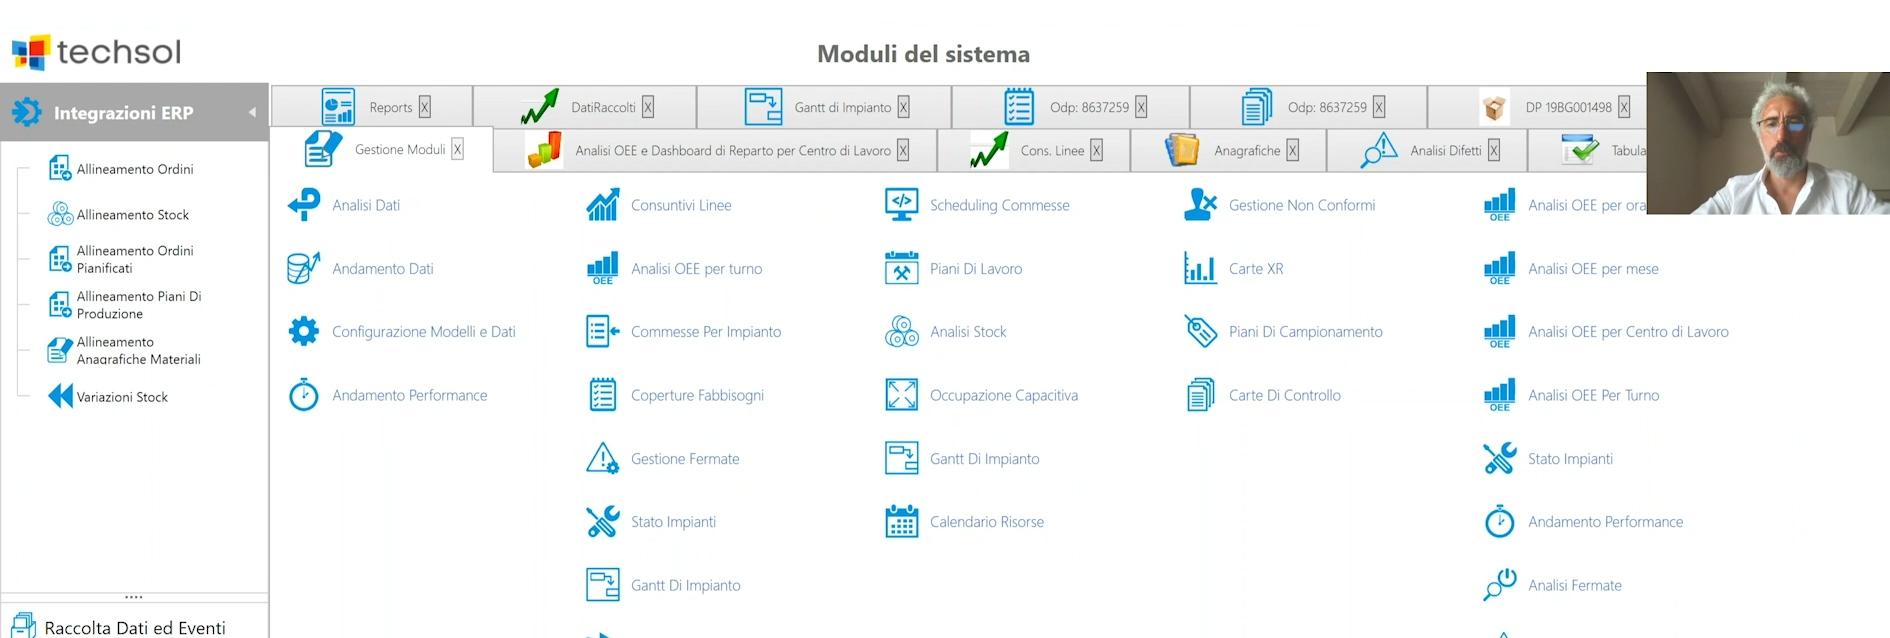 MES t.fabrica: controllo, pianificazione e monitoraggio delle attività produttive